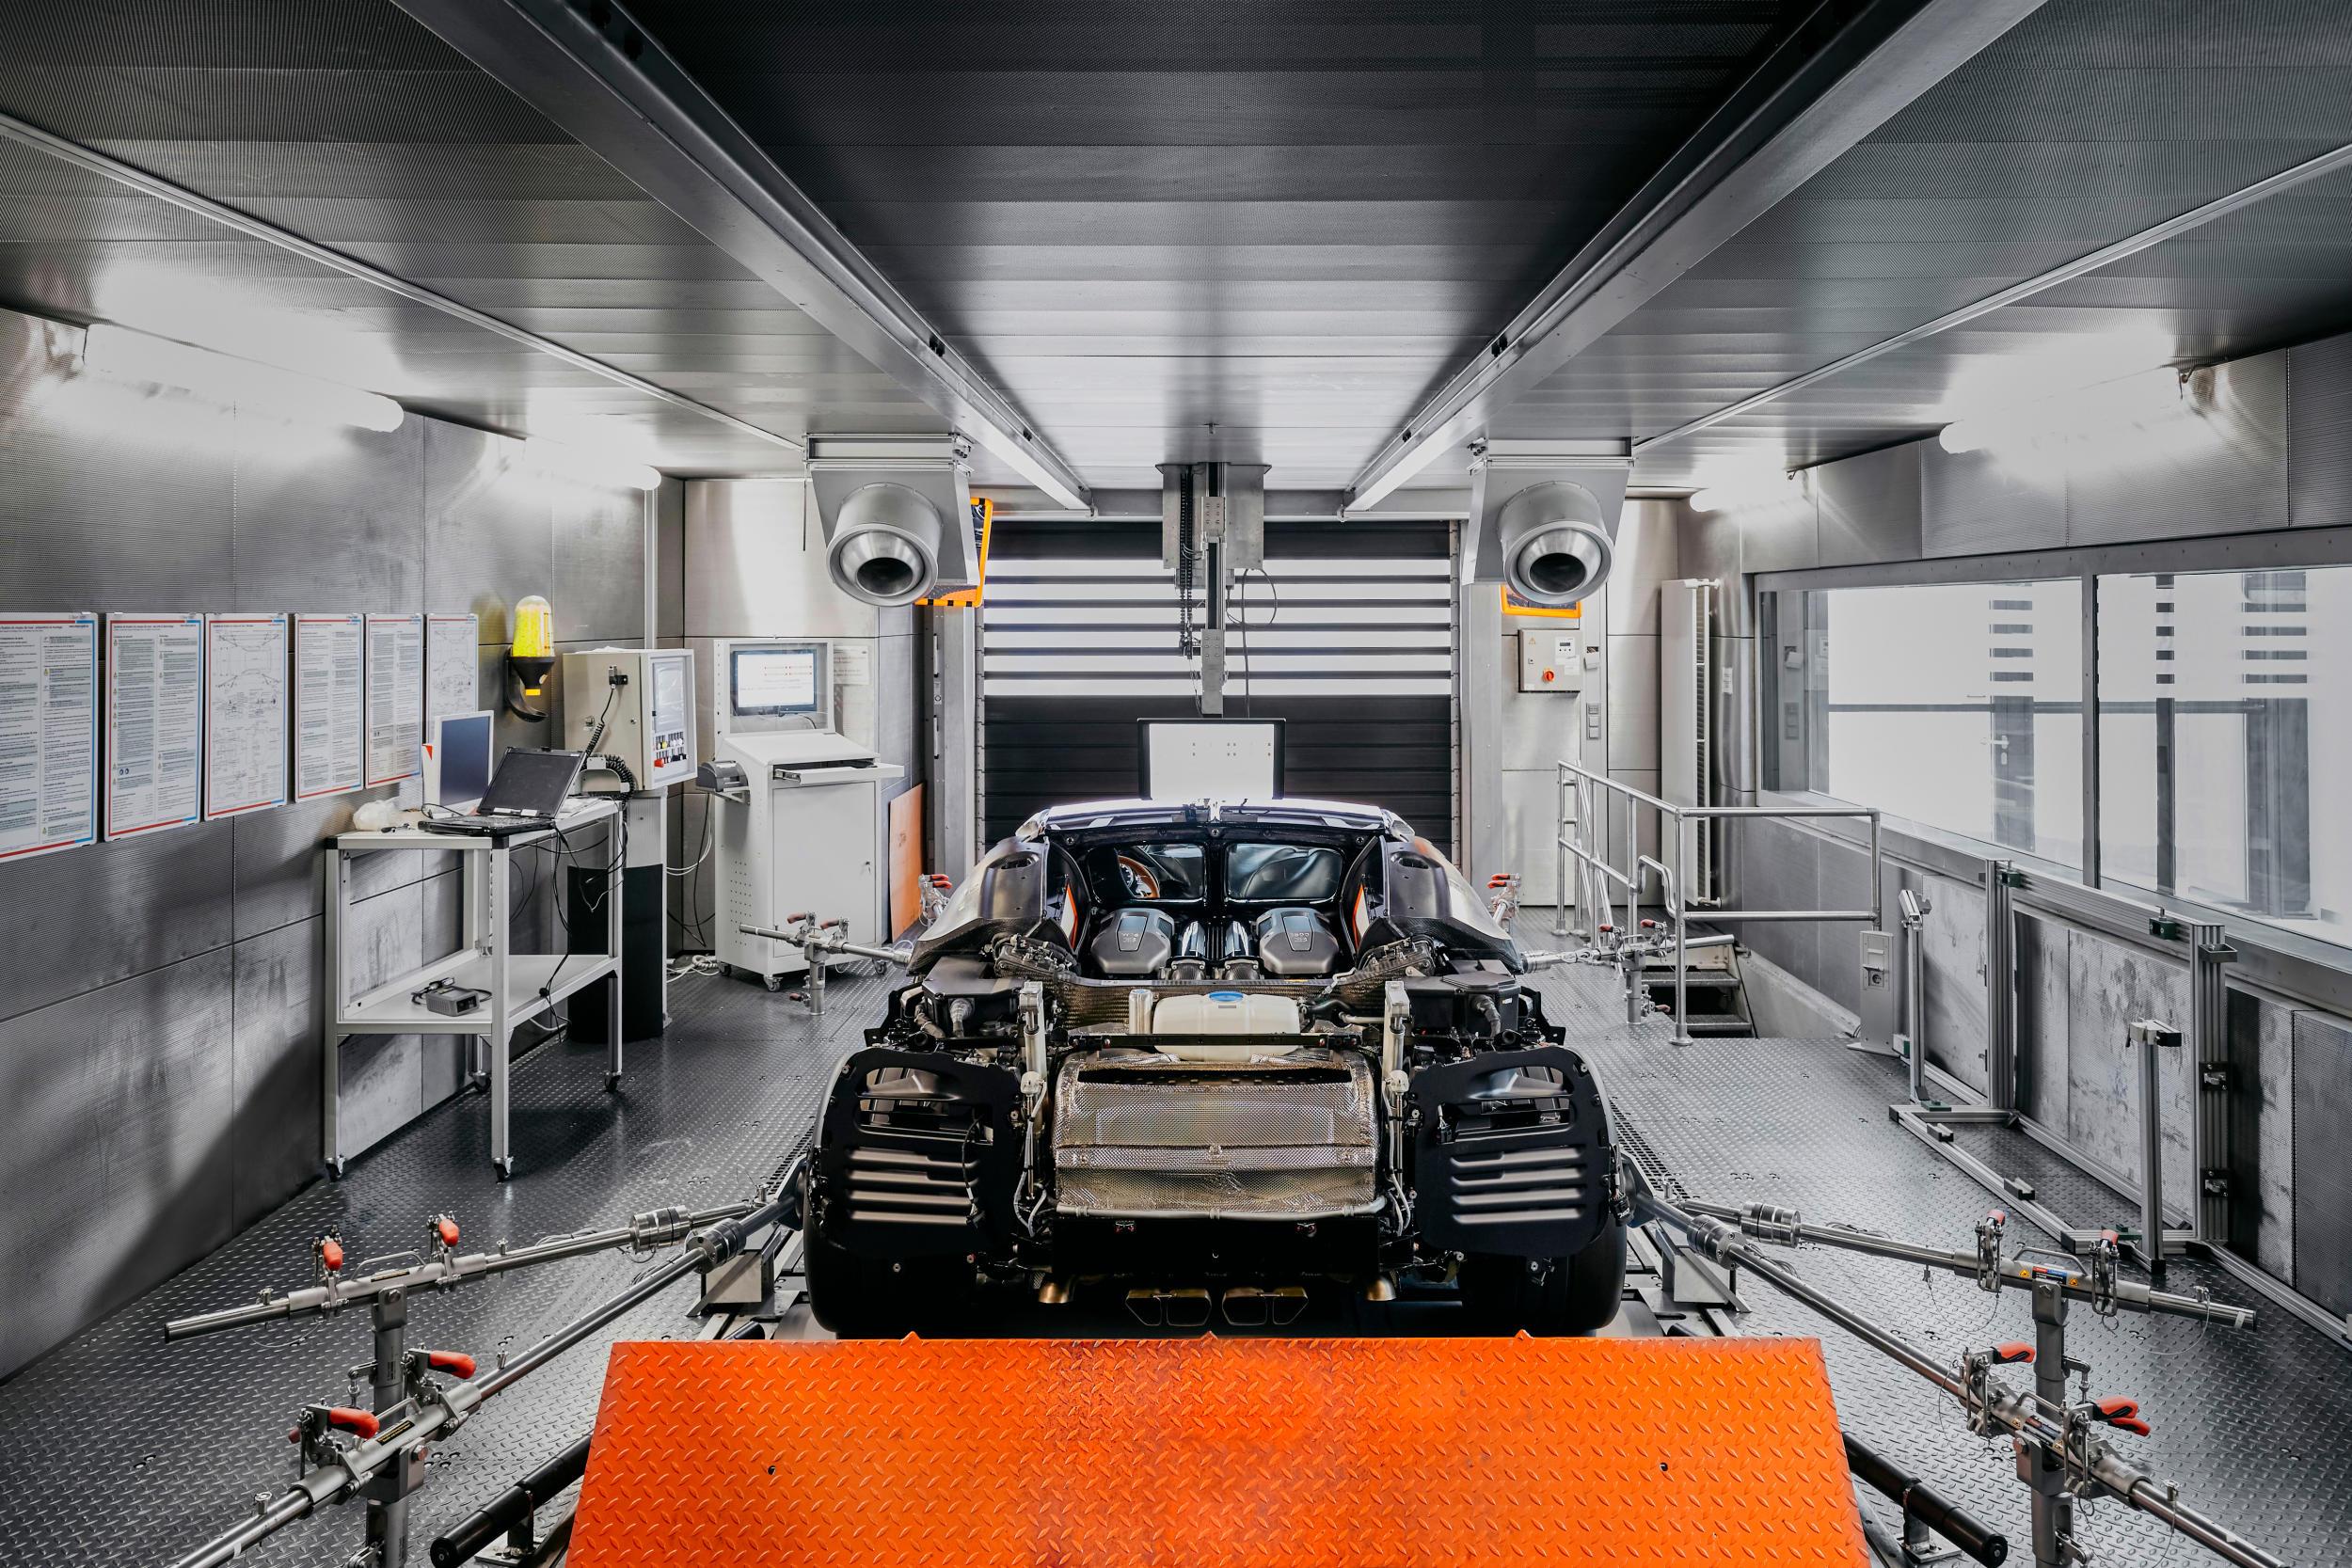 Bugatti chiron fabriek MAN MAN 8